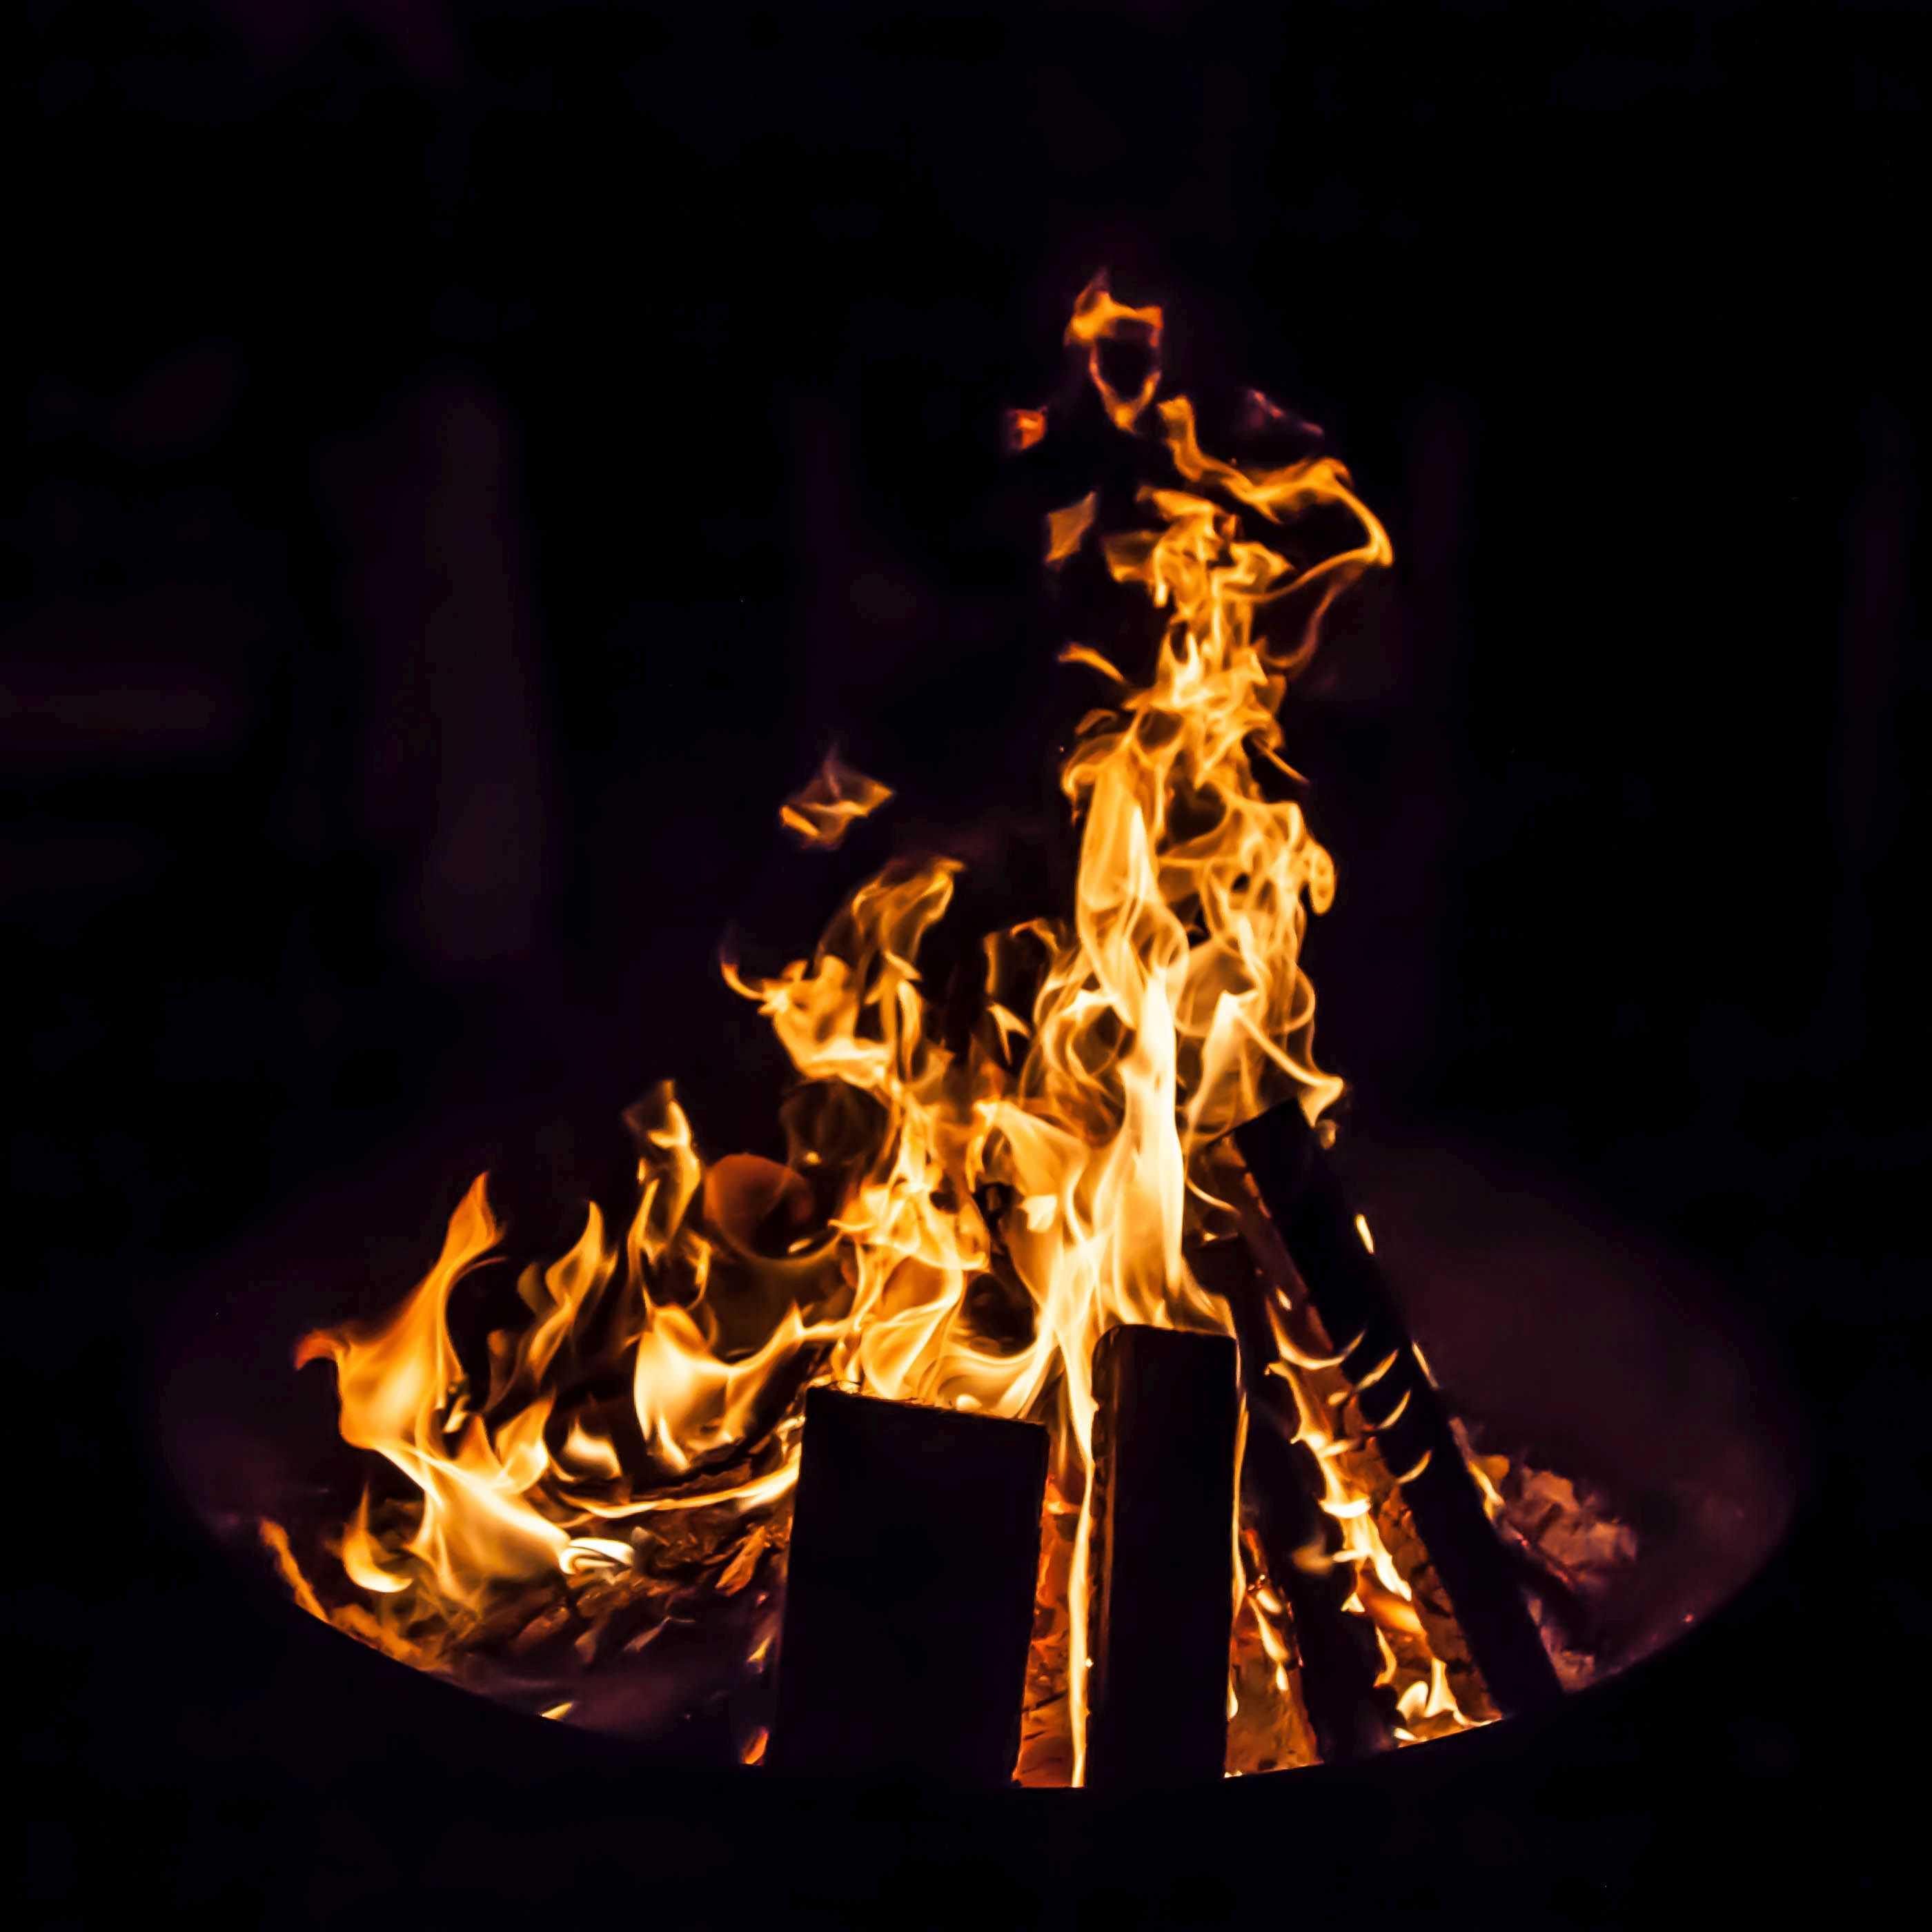 Brennendes Holz in der Feuerschale